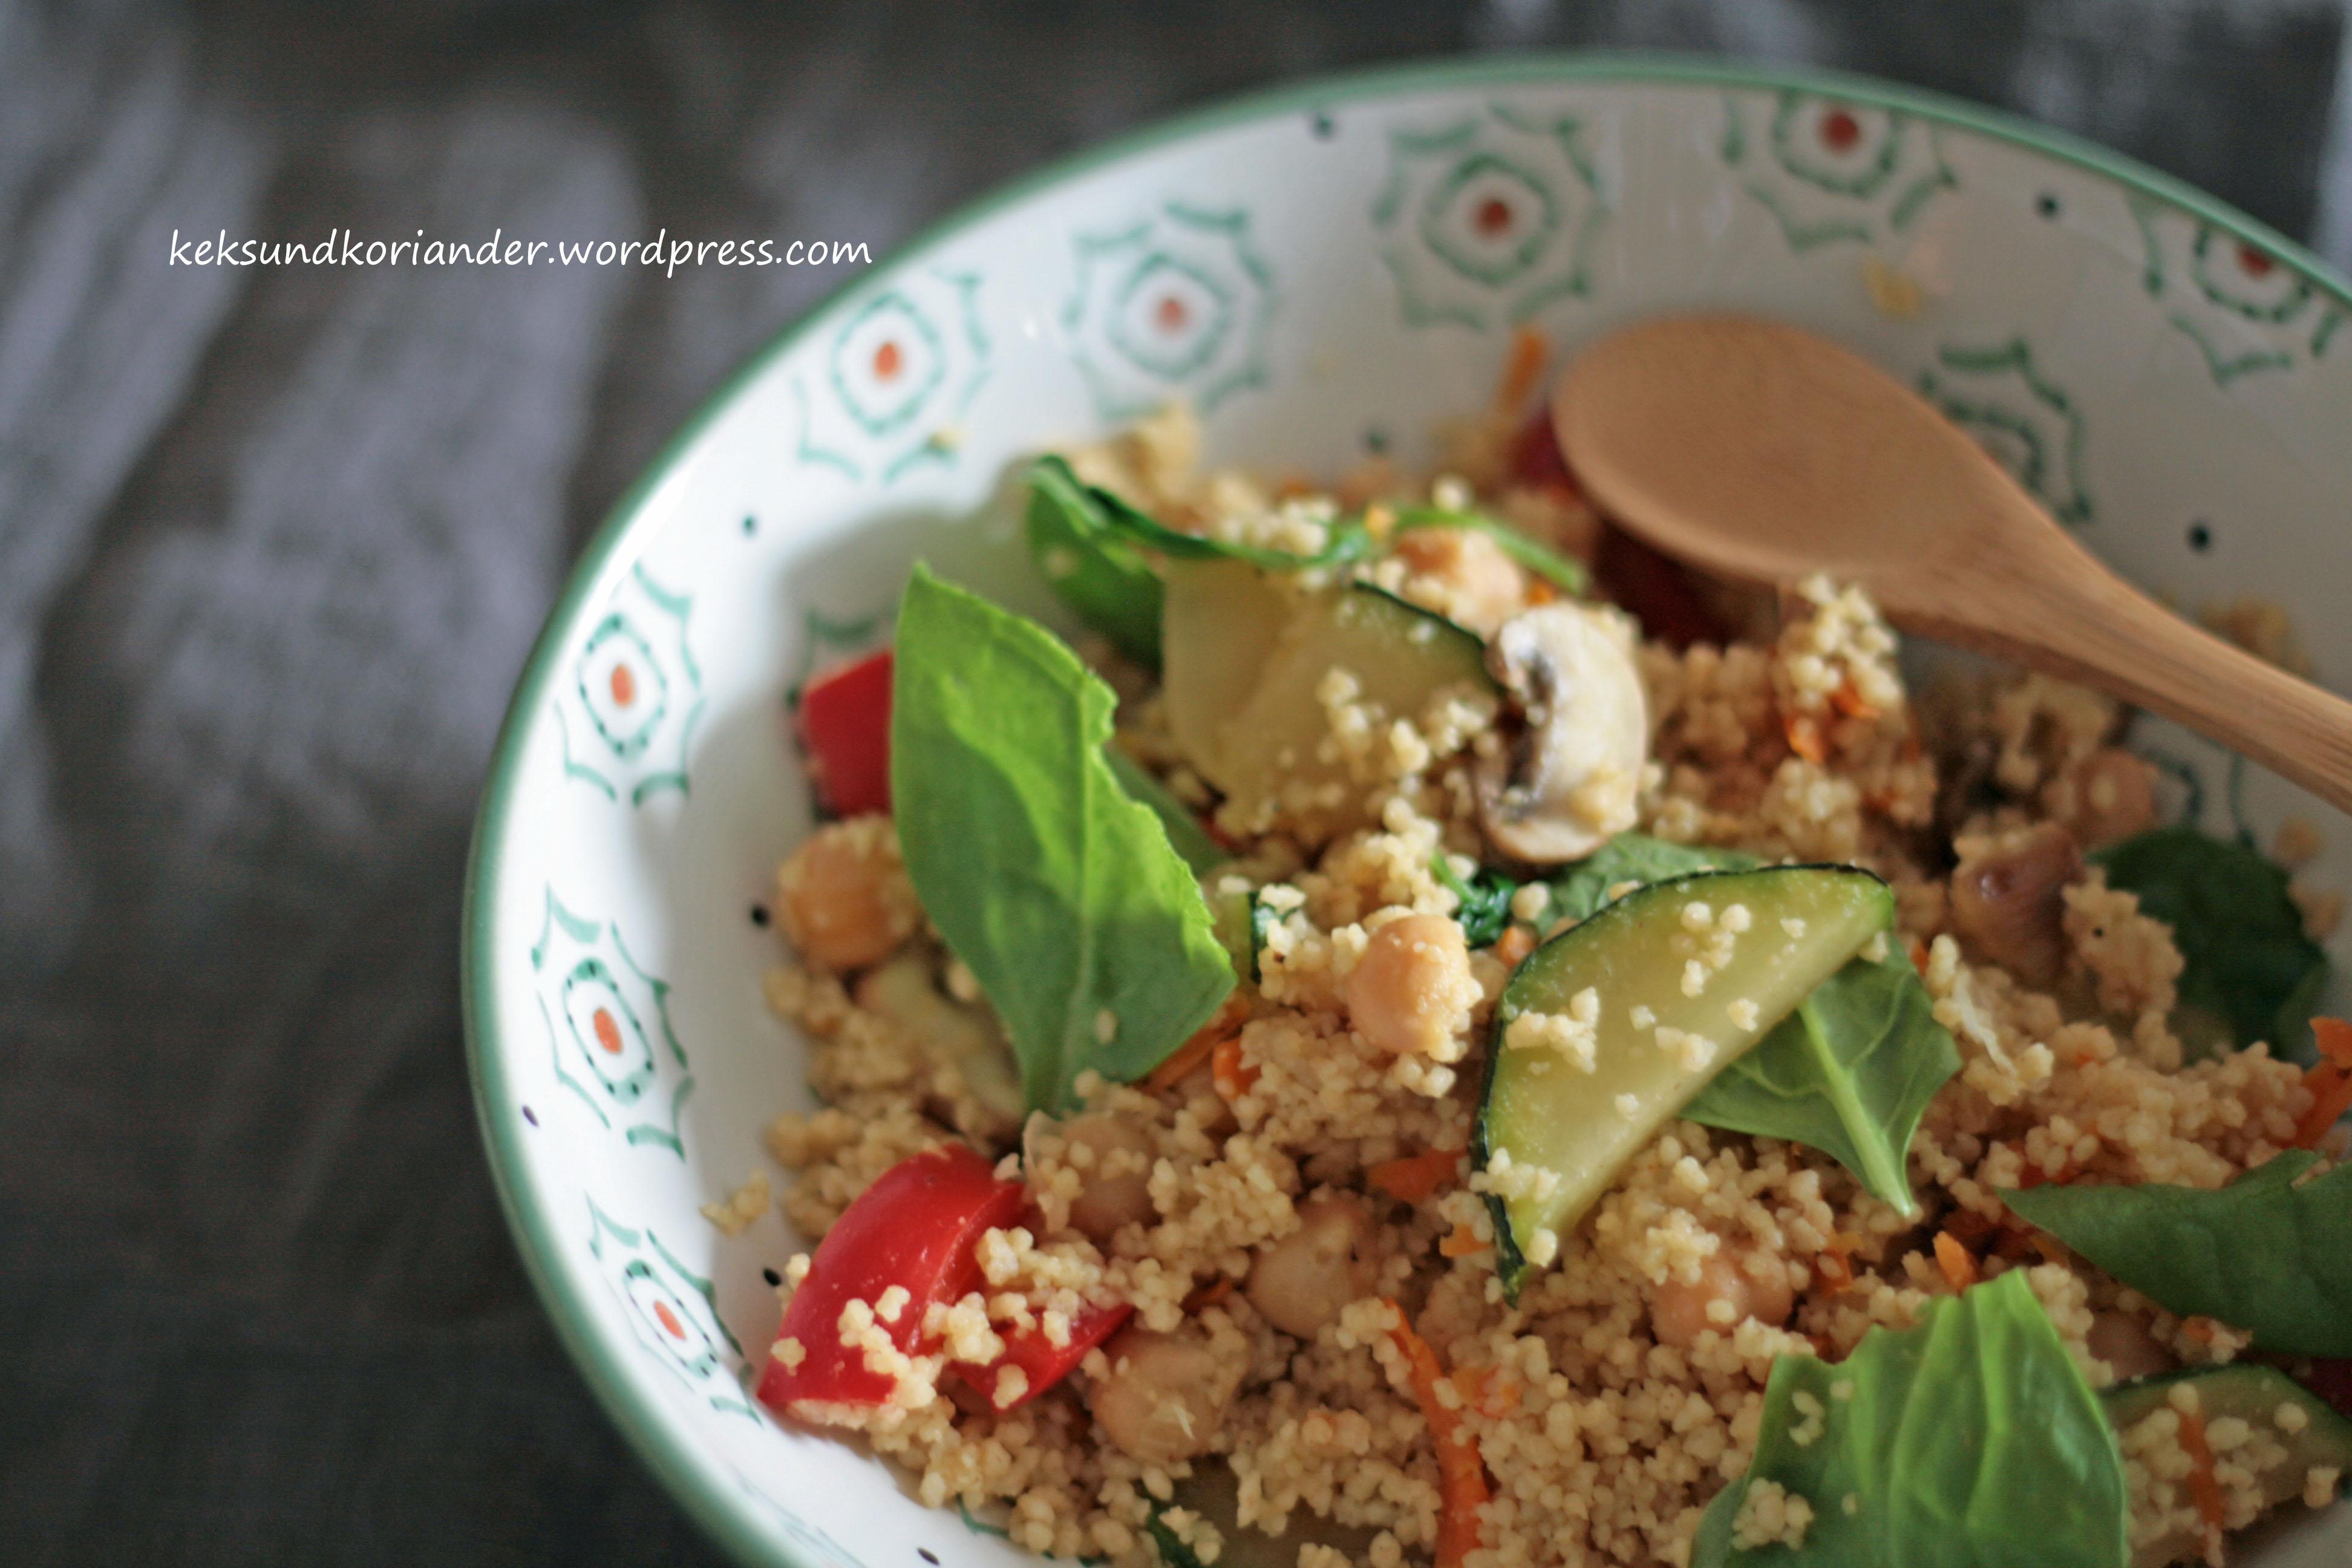 Couscous mit Gemüse und Kichererbsen2